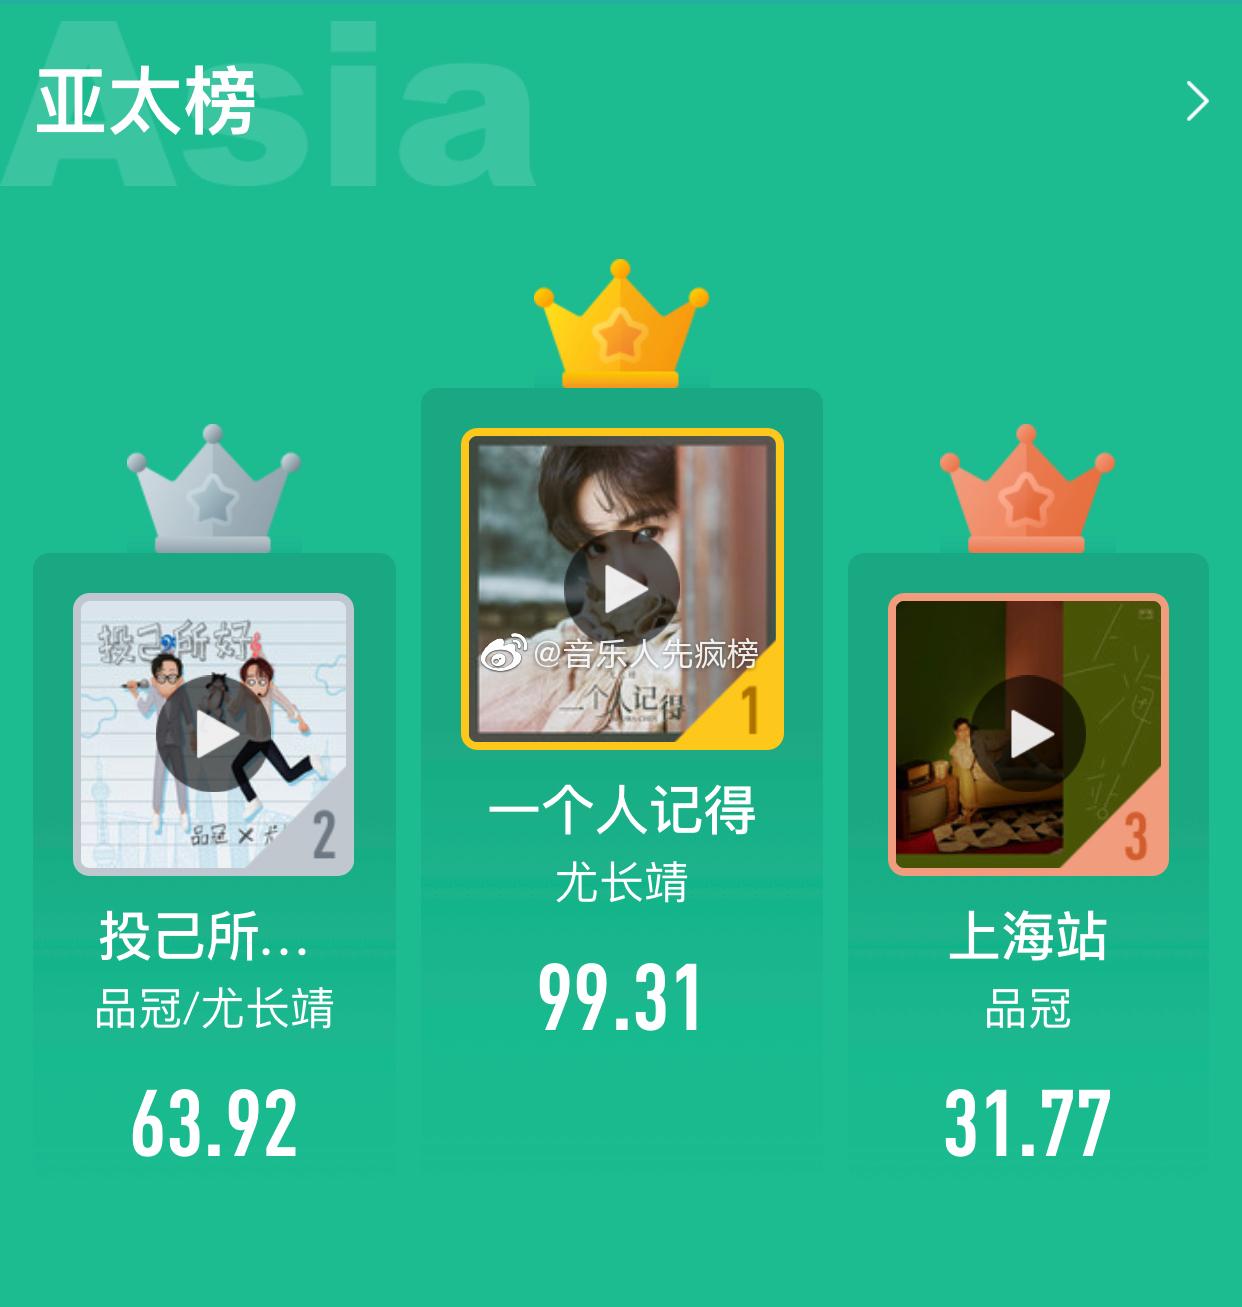 优秀的UU@尤长靖 第一首情歌《一个人记得》在 亚太榜成绩非常耀眼